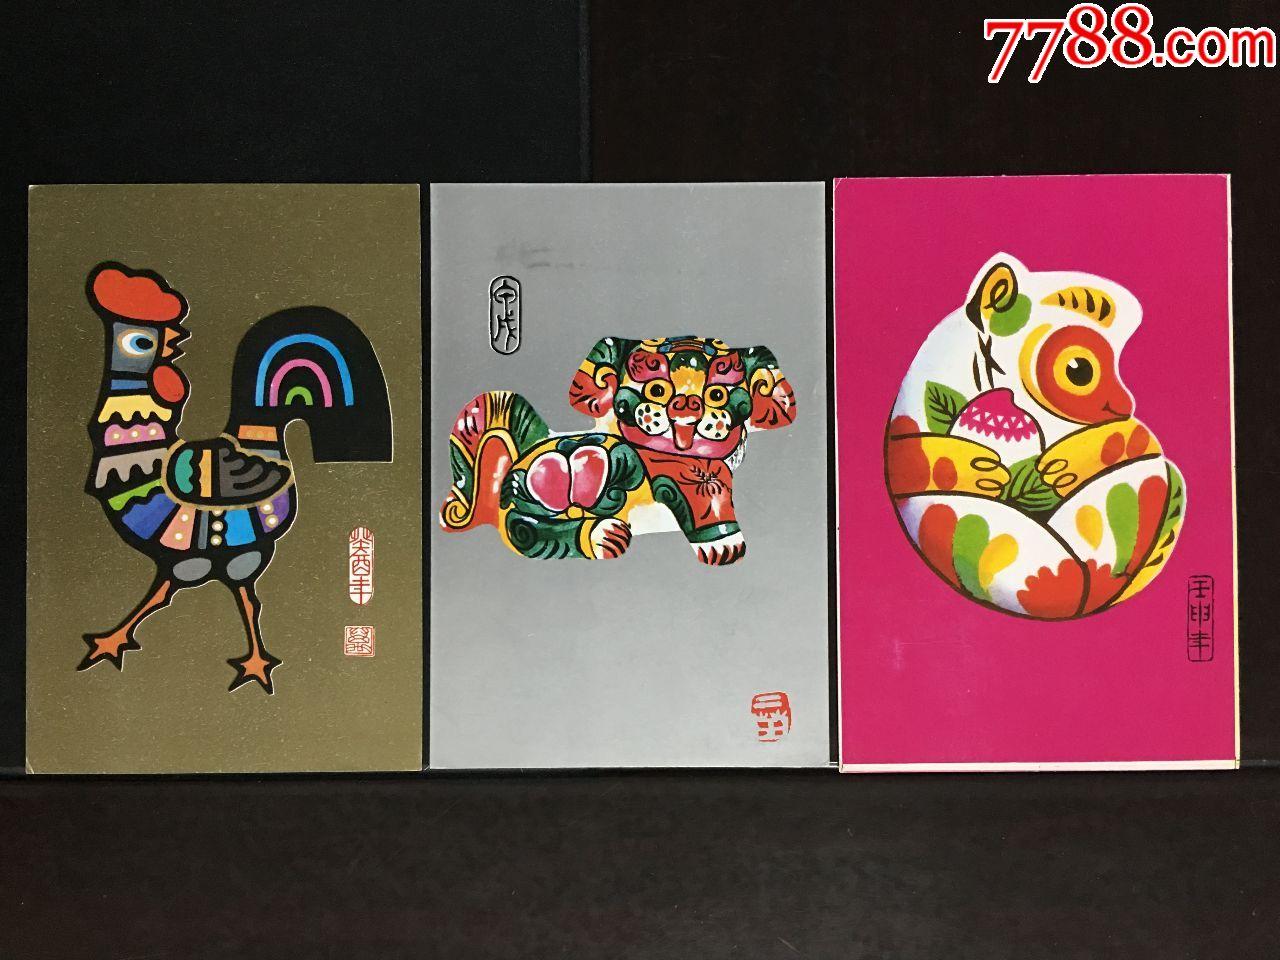 集邮杂志夹送生肖贺年明信片3枚(癸酉,甲戌,壬申)【不三不四】_第1张